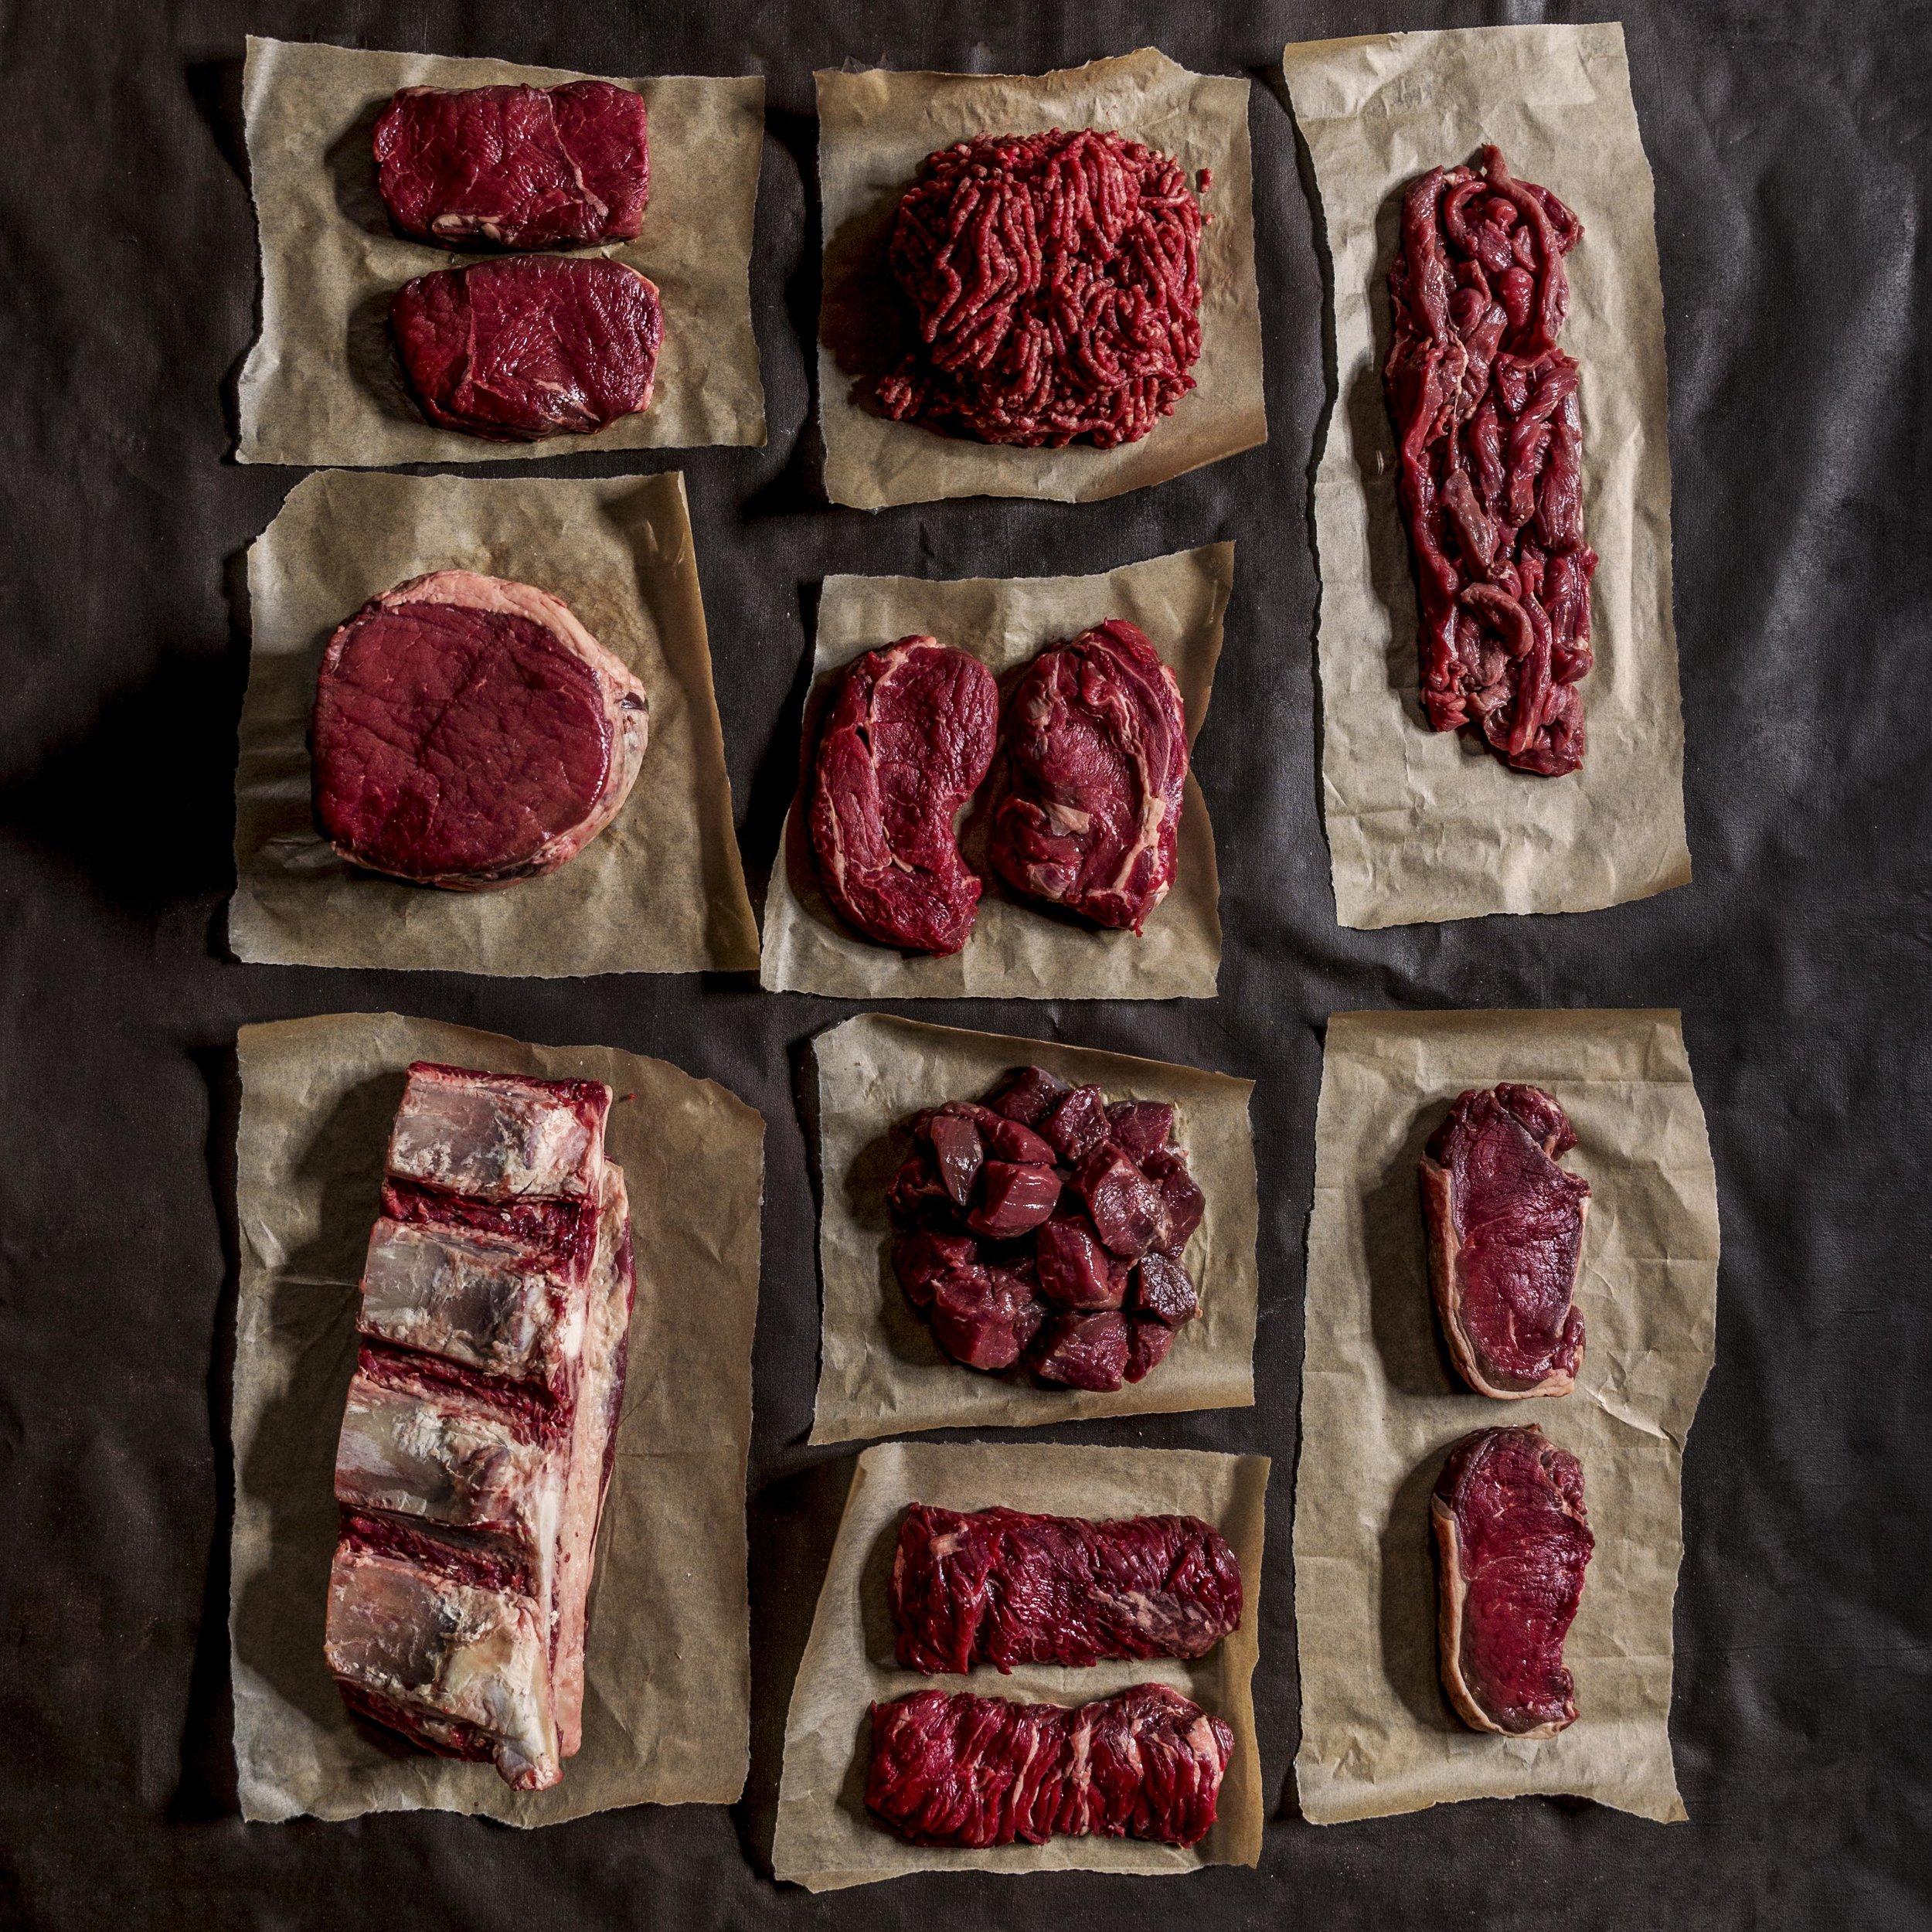 maydencroft_meat_14.jpg